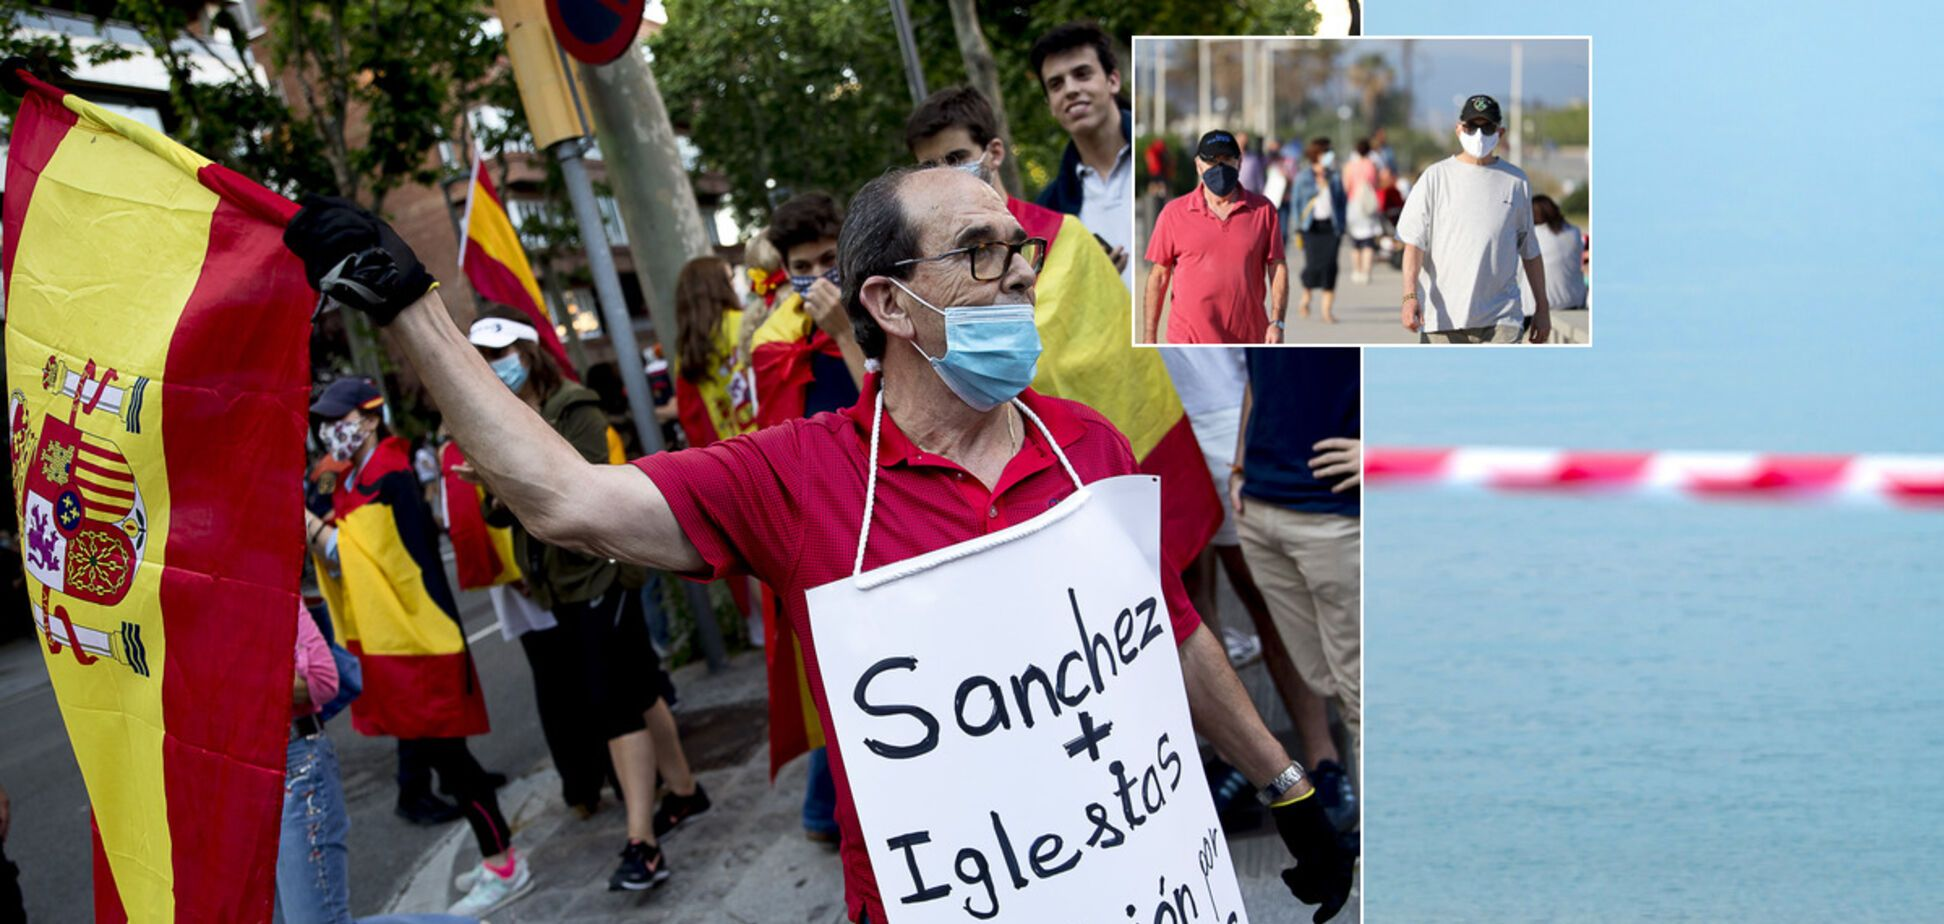 Как Испания выходит из карантина: с безработицей, протестами, но хорошей статистикой